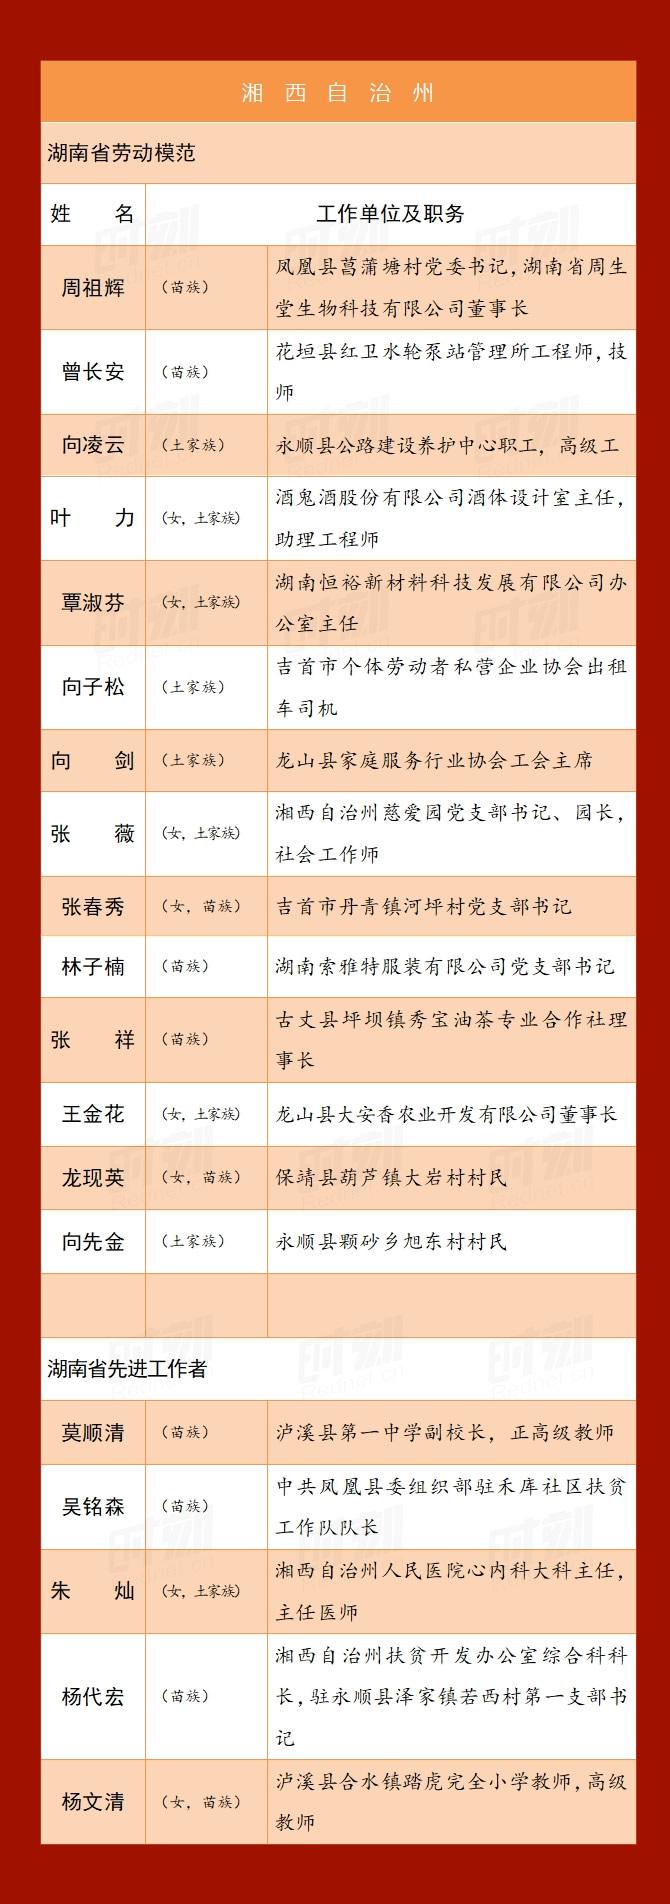 a14湘西_r1_c1.jpg